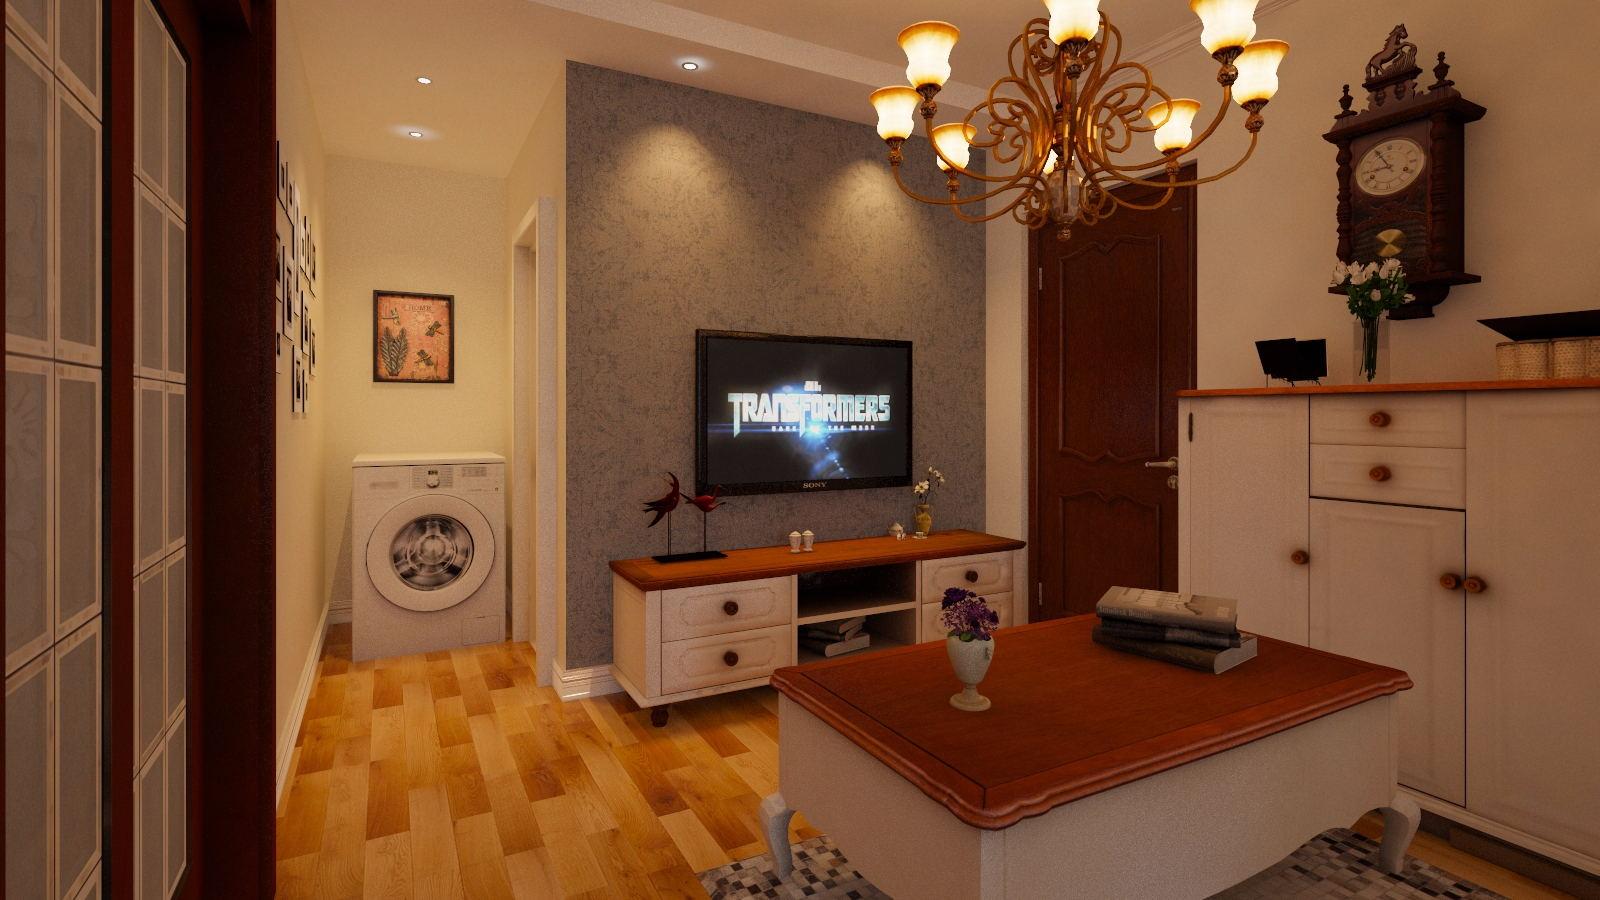 44.32平米的房子这样装修面积大了1倍,装修只花4万元!-欧园北欧印象装修